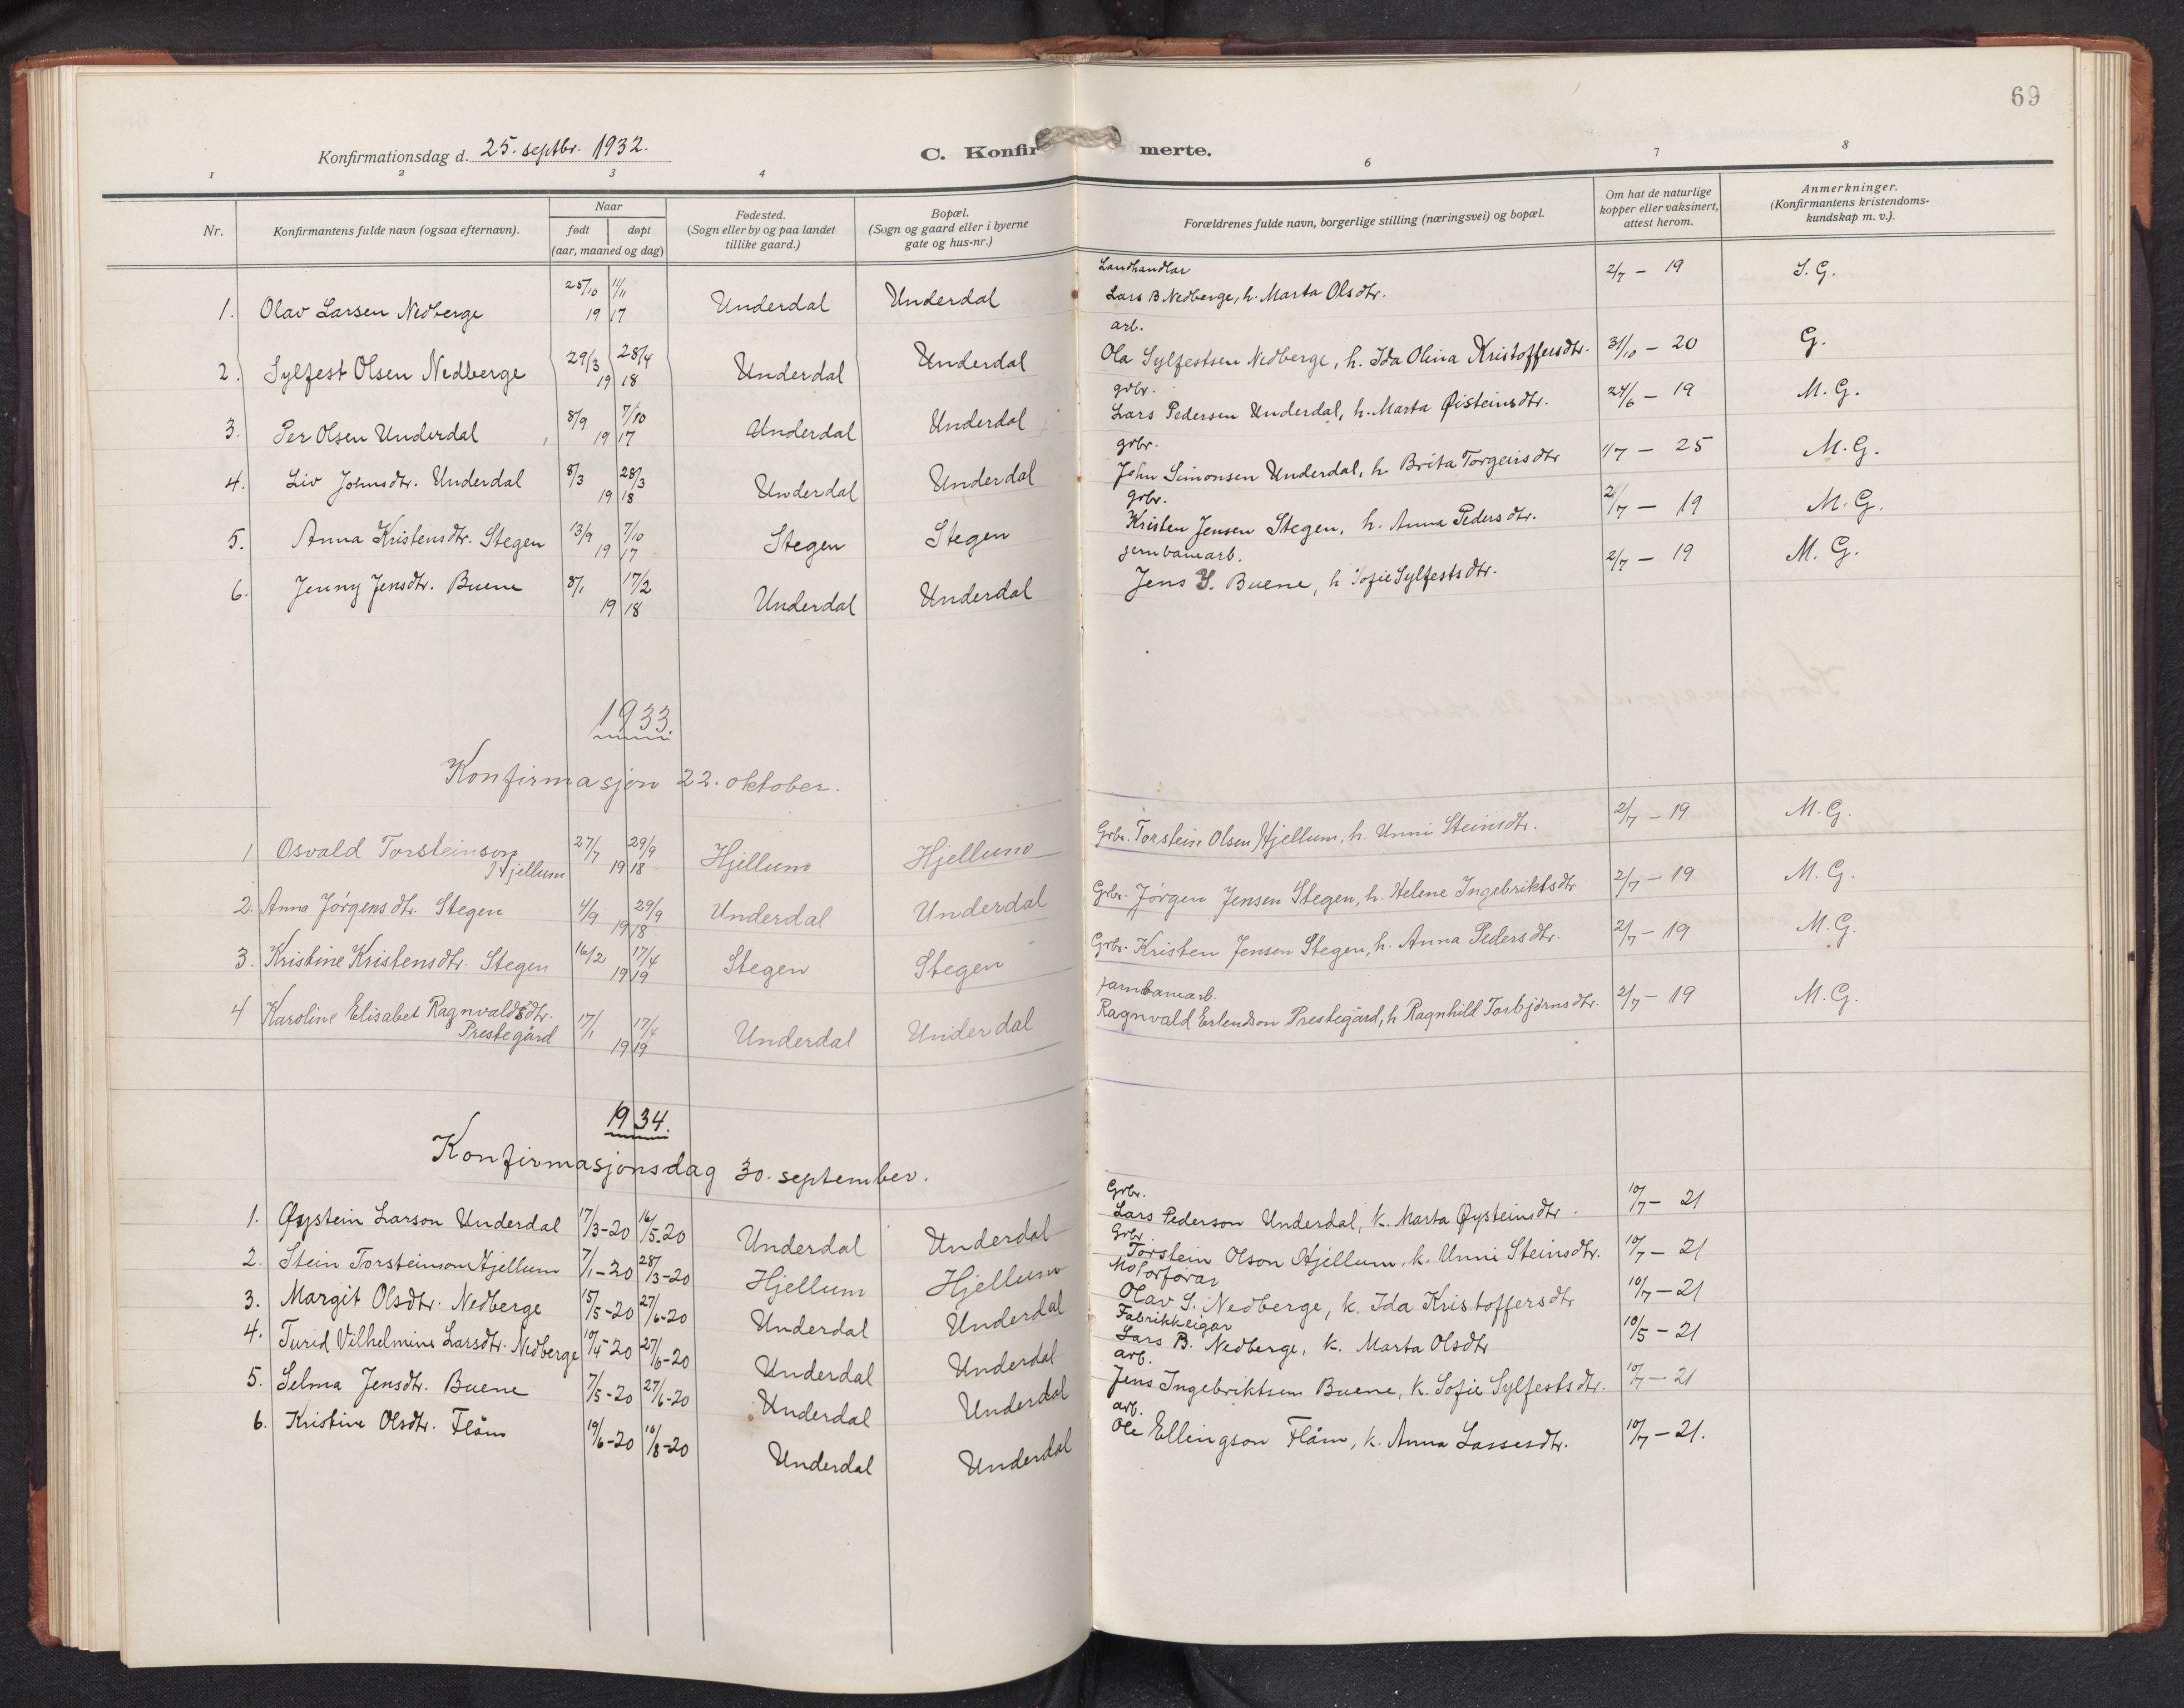 SAB, Aurland sokneprestembete, H/Hb/Hbd/L0003: Parish register (copy) no. D 3, 1920-1968, p. 68b-69a